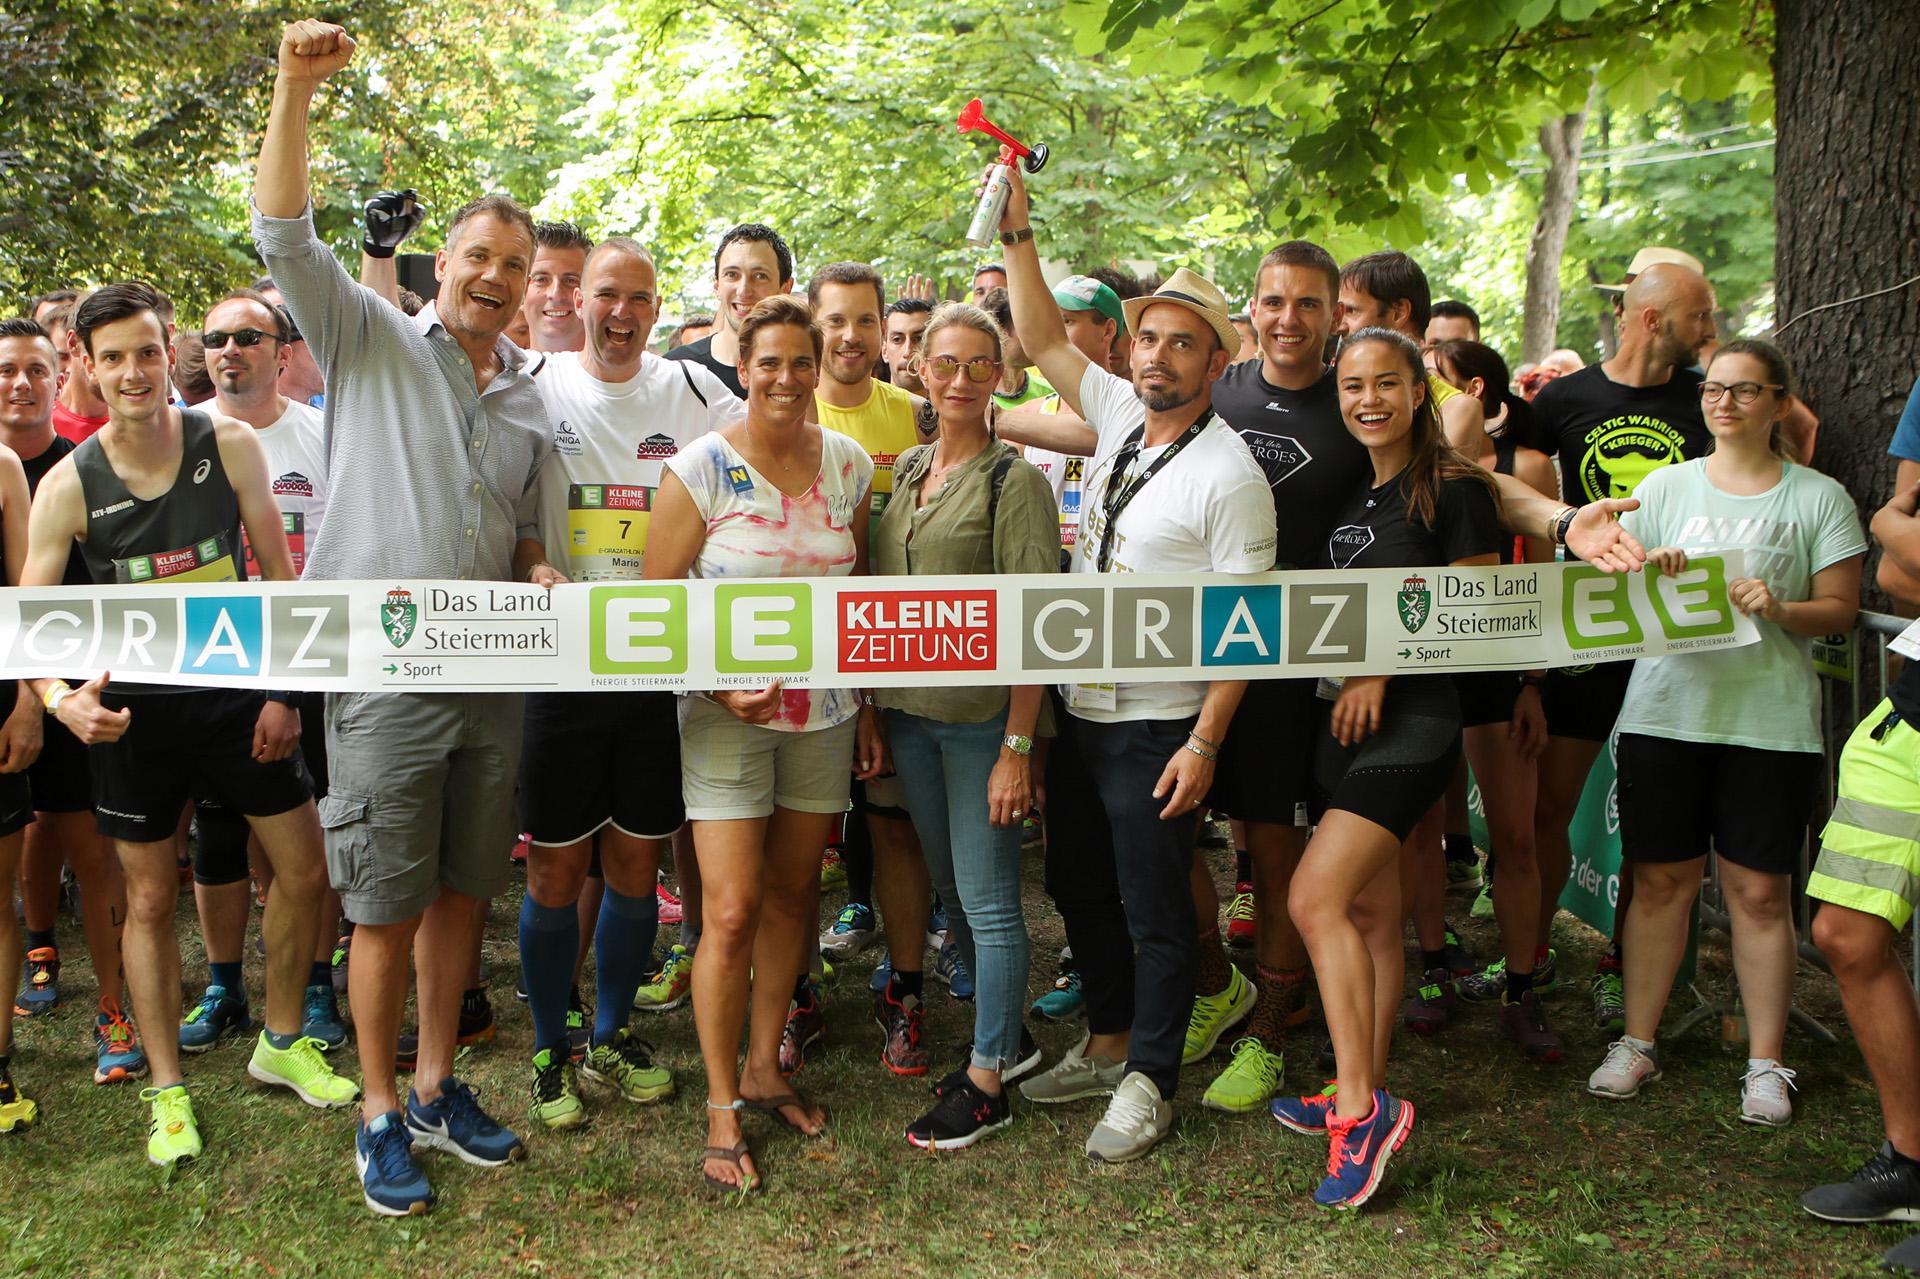 Grazathlon 2019